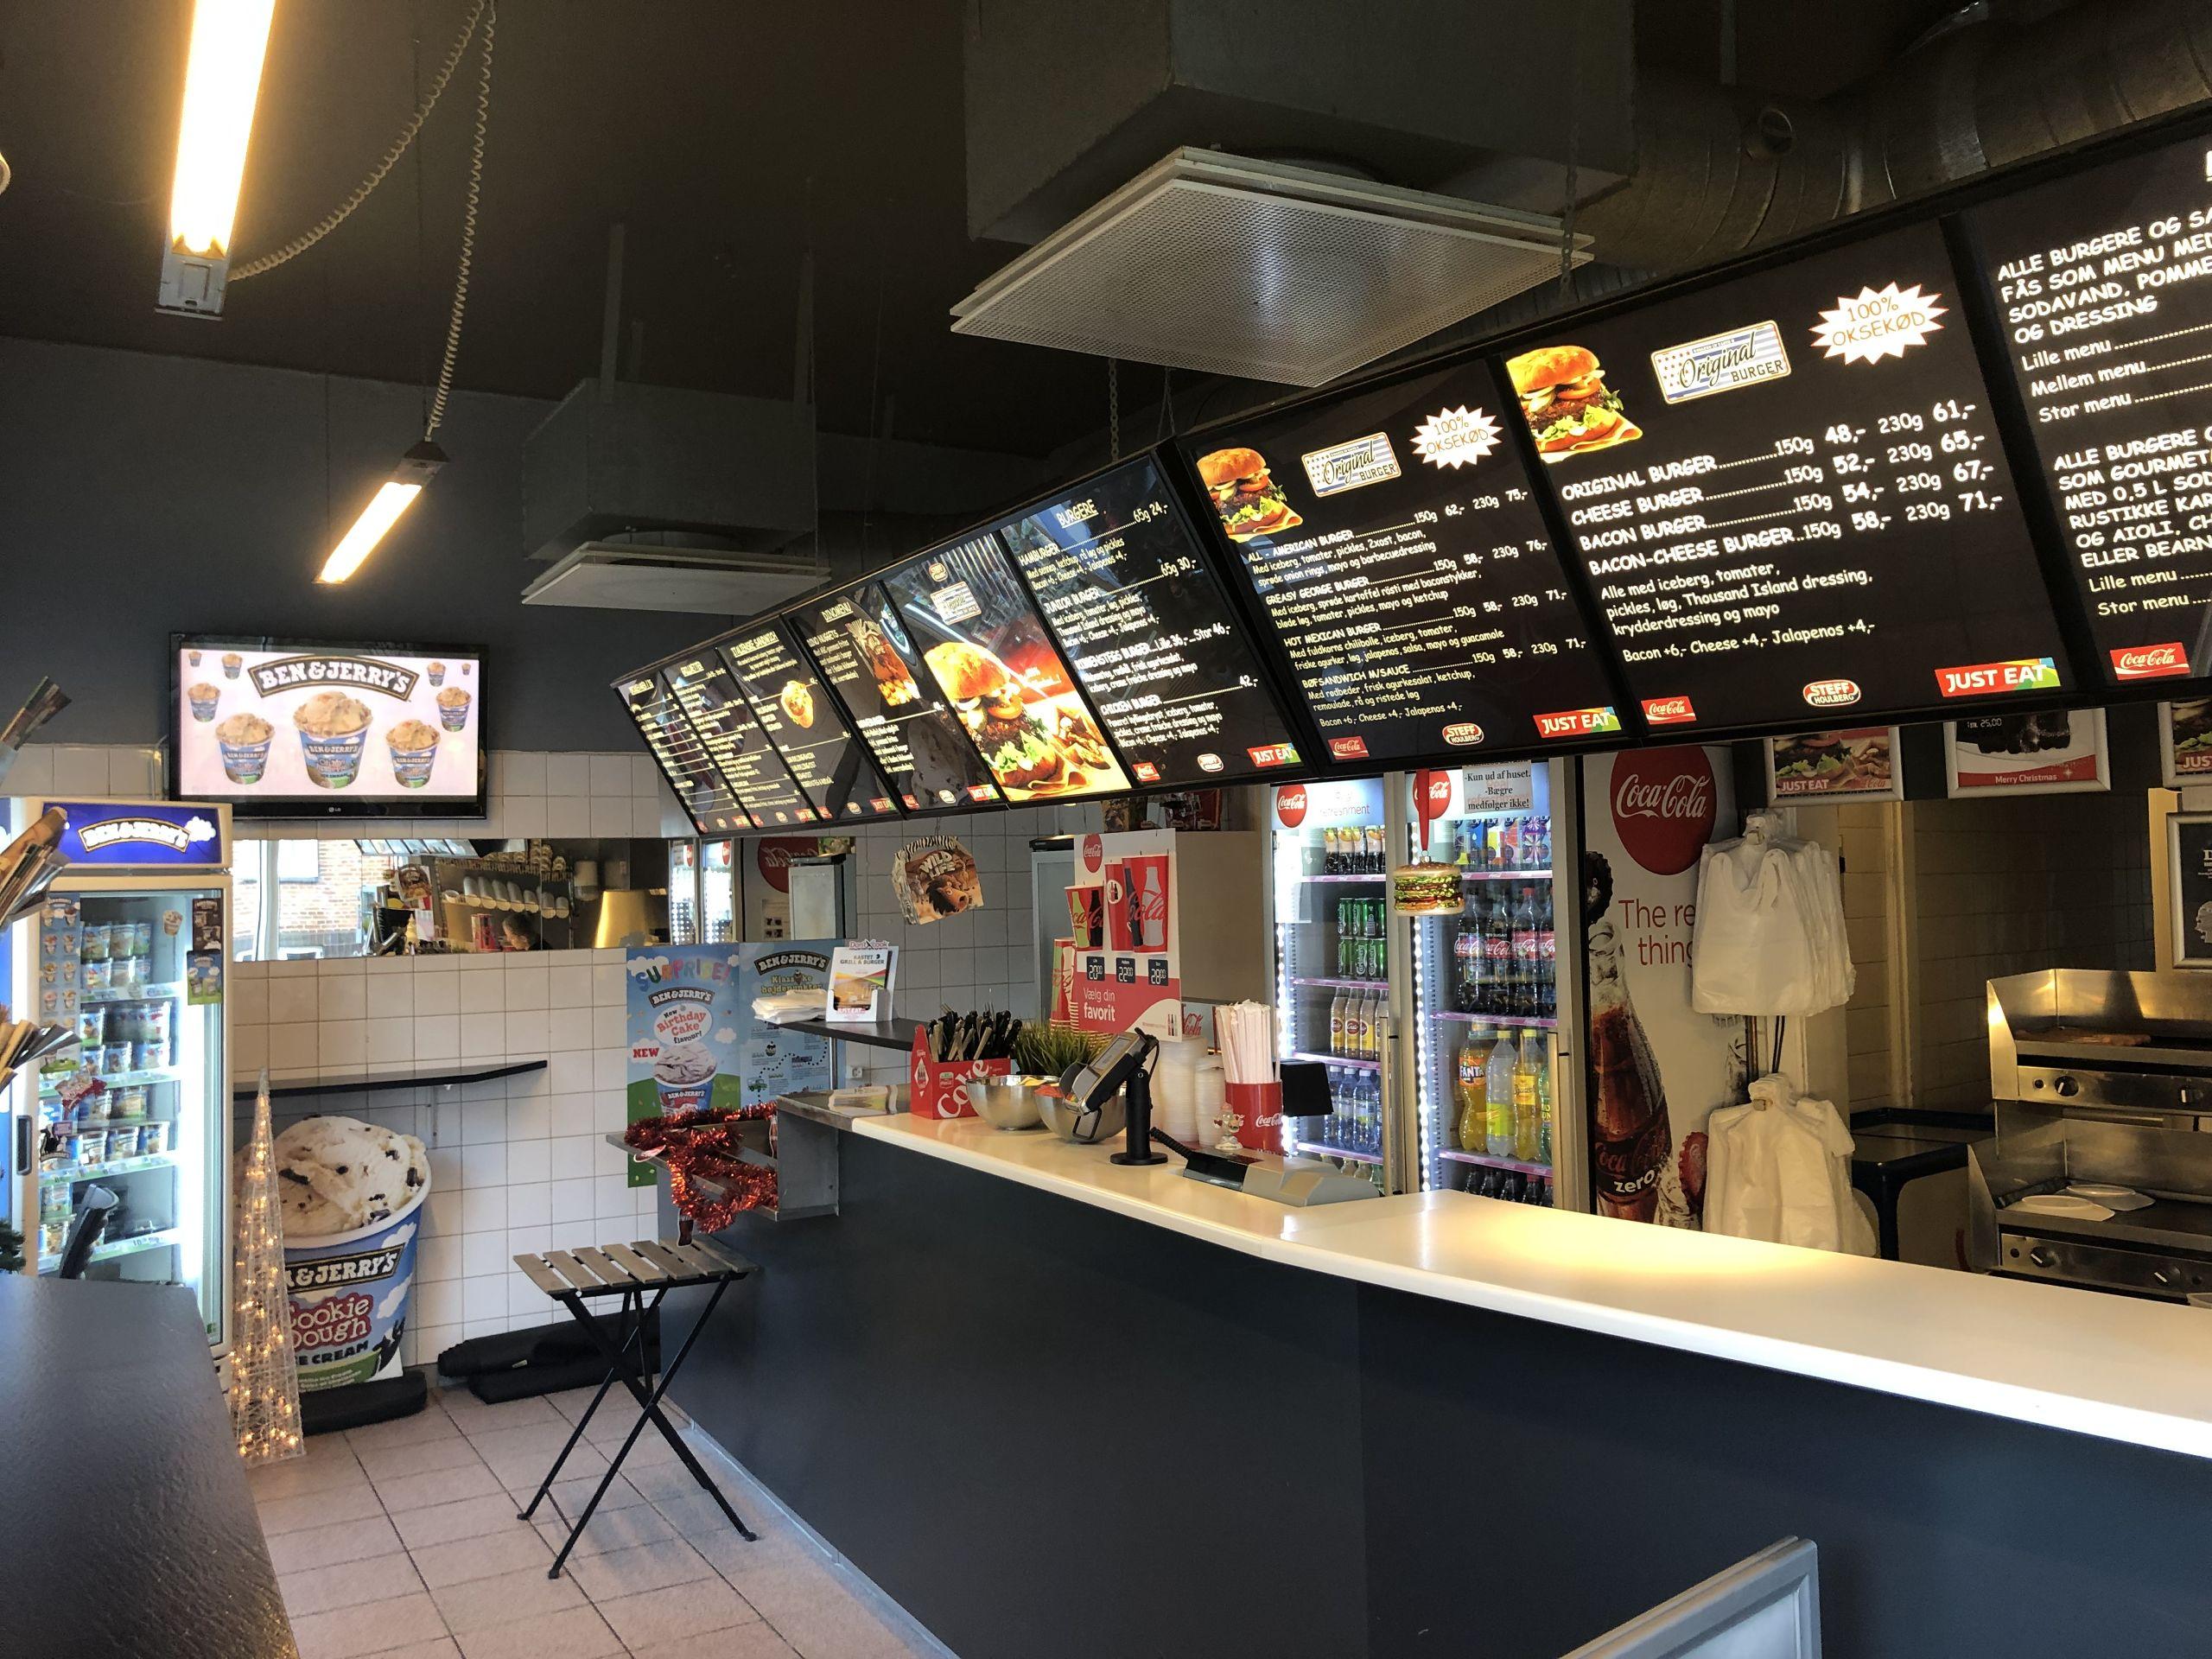 Vi vil have burgere og fritter ... Det blev i hvert fald en Aalborg-burgerbar, der løb med titlen som Nordjyllands bedste til takeaway. Privatfoto